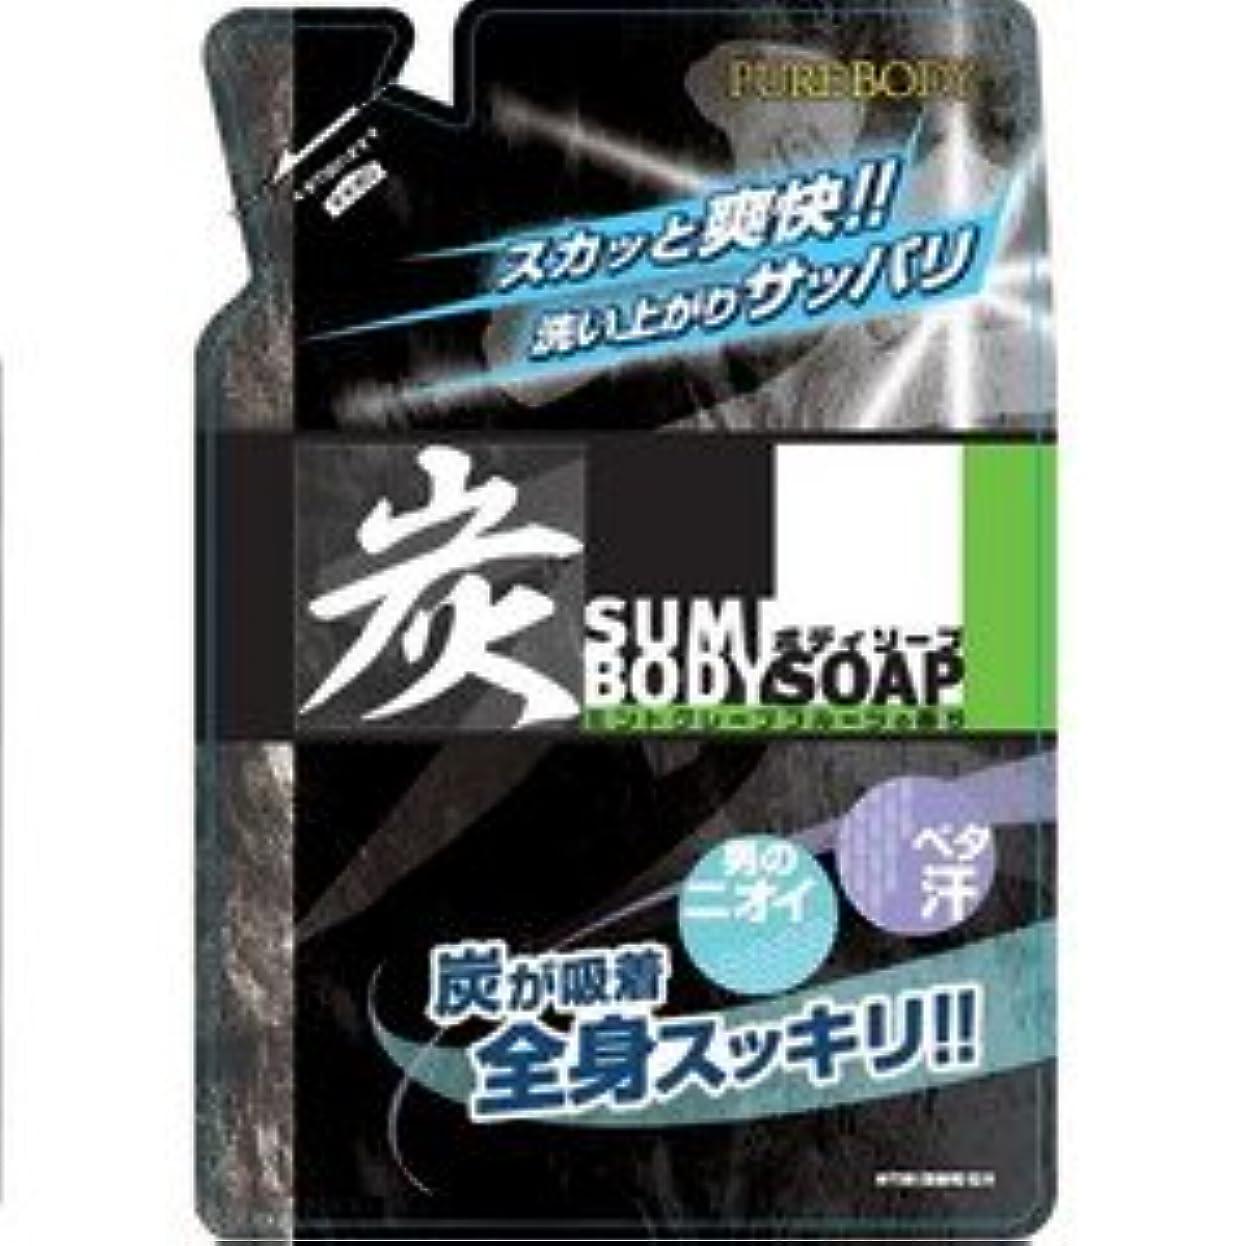 増幅する外科医意気込み炭ボディソープ ミントグレープフルーツの香り 400ml